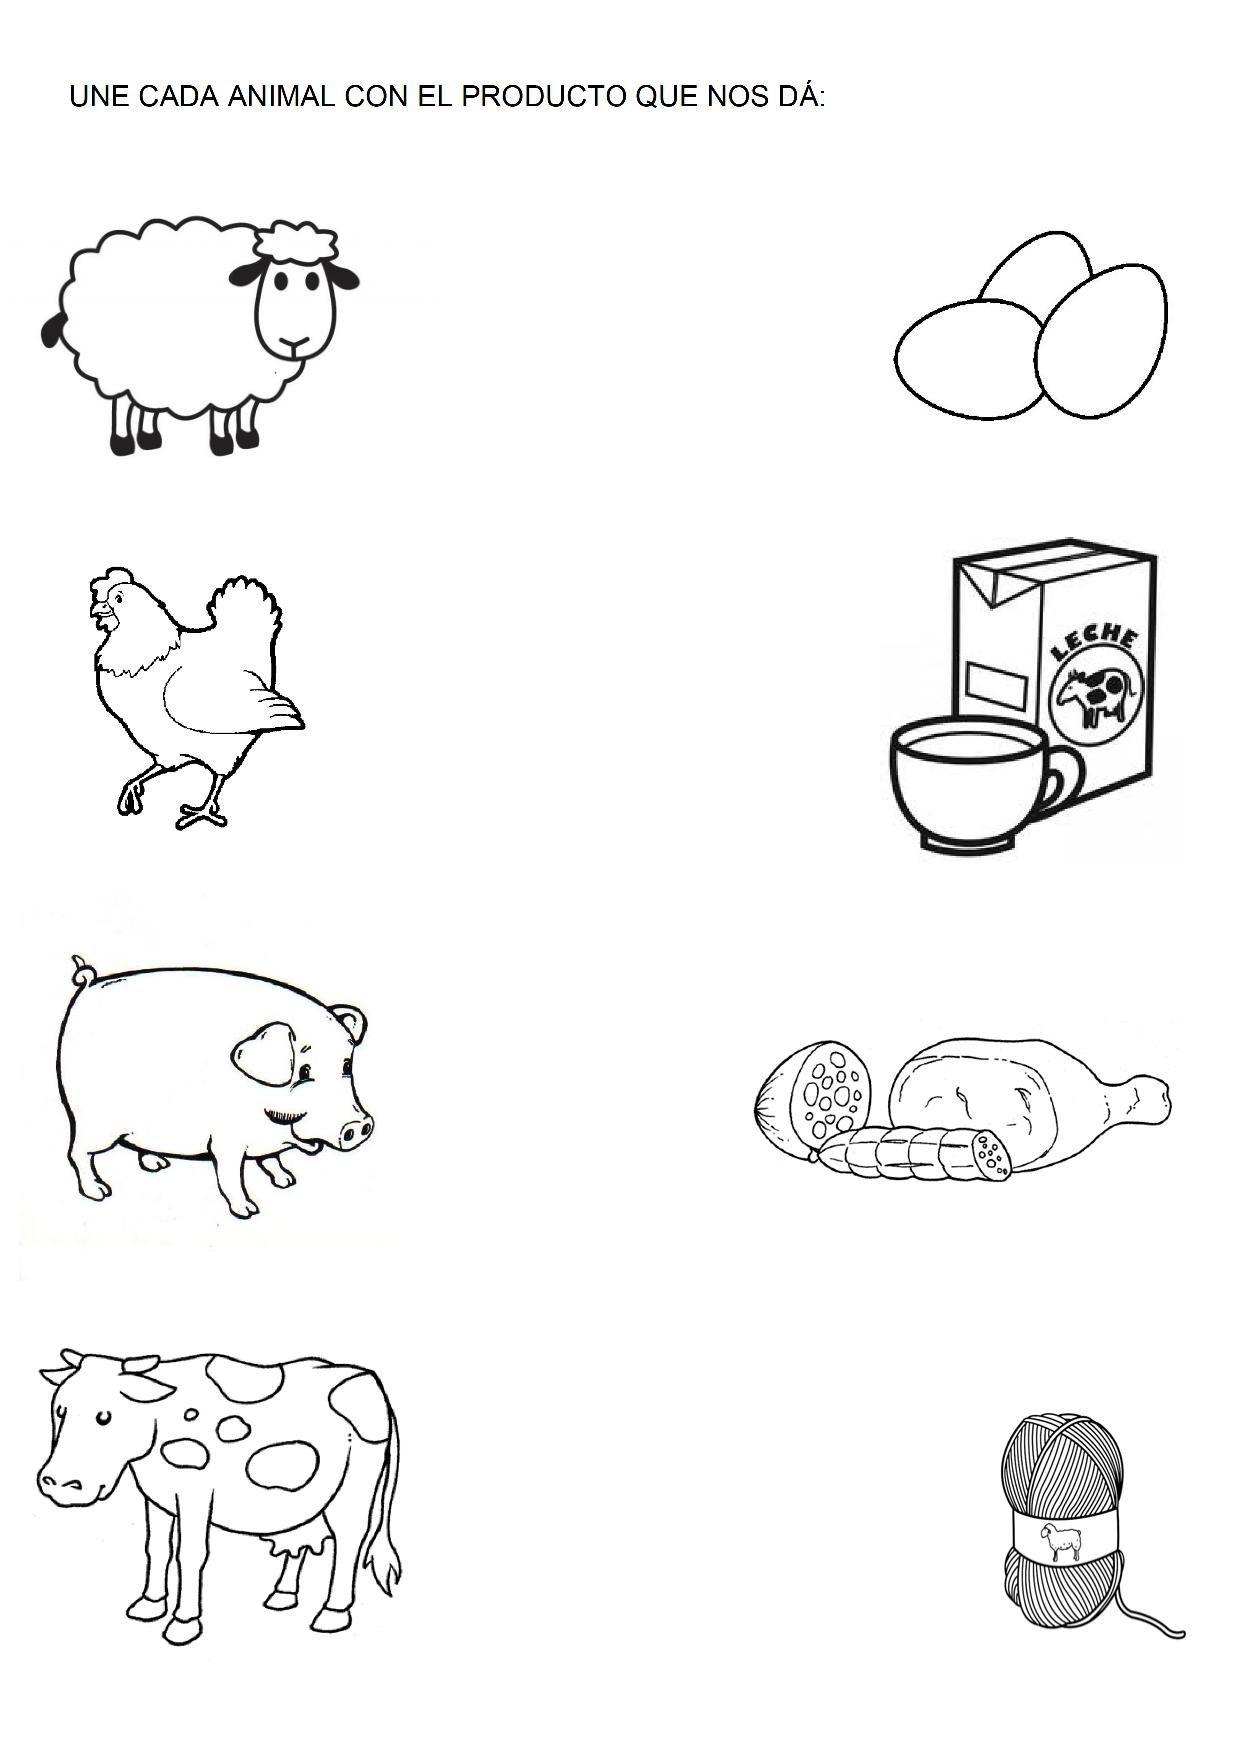 La Granja Animales Granja Fichas Granja Recursos Para El Aula Actividades De Lectura Actividades De Lectura Preescolar Actividades Para Niños Preescolar